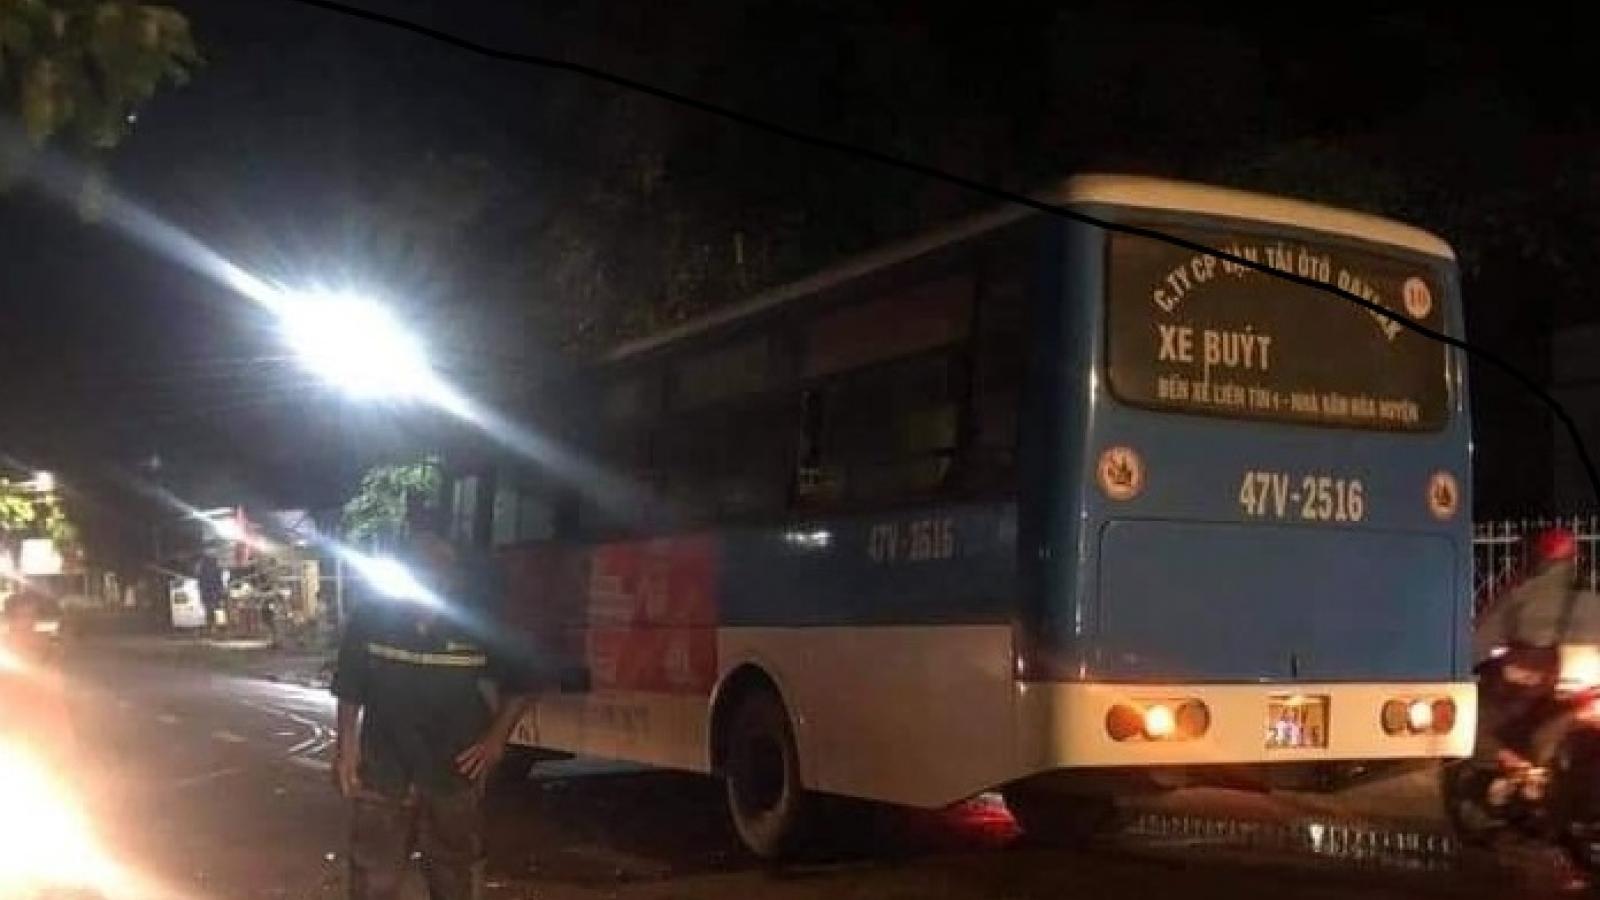 Đắk Lắk: Va chạm với xe buýt, hai nam thanh niên tử vong tại chỗ